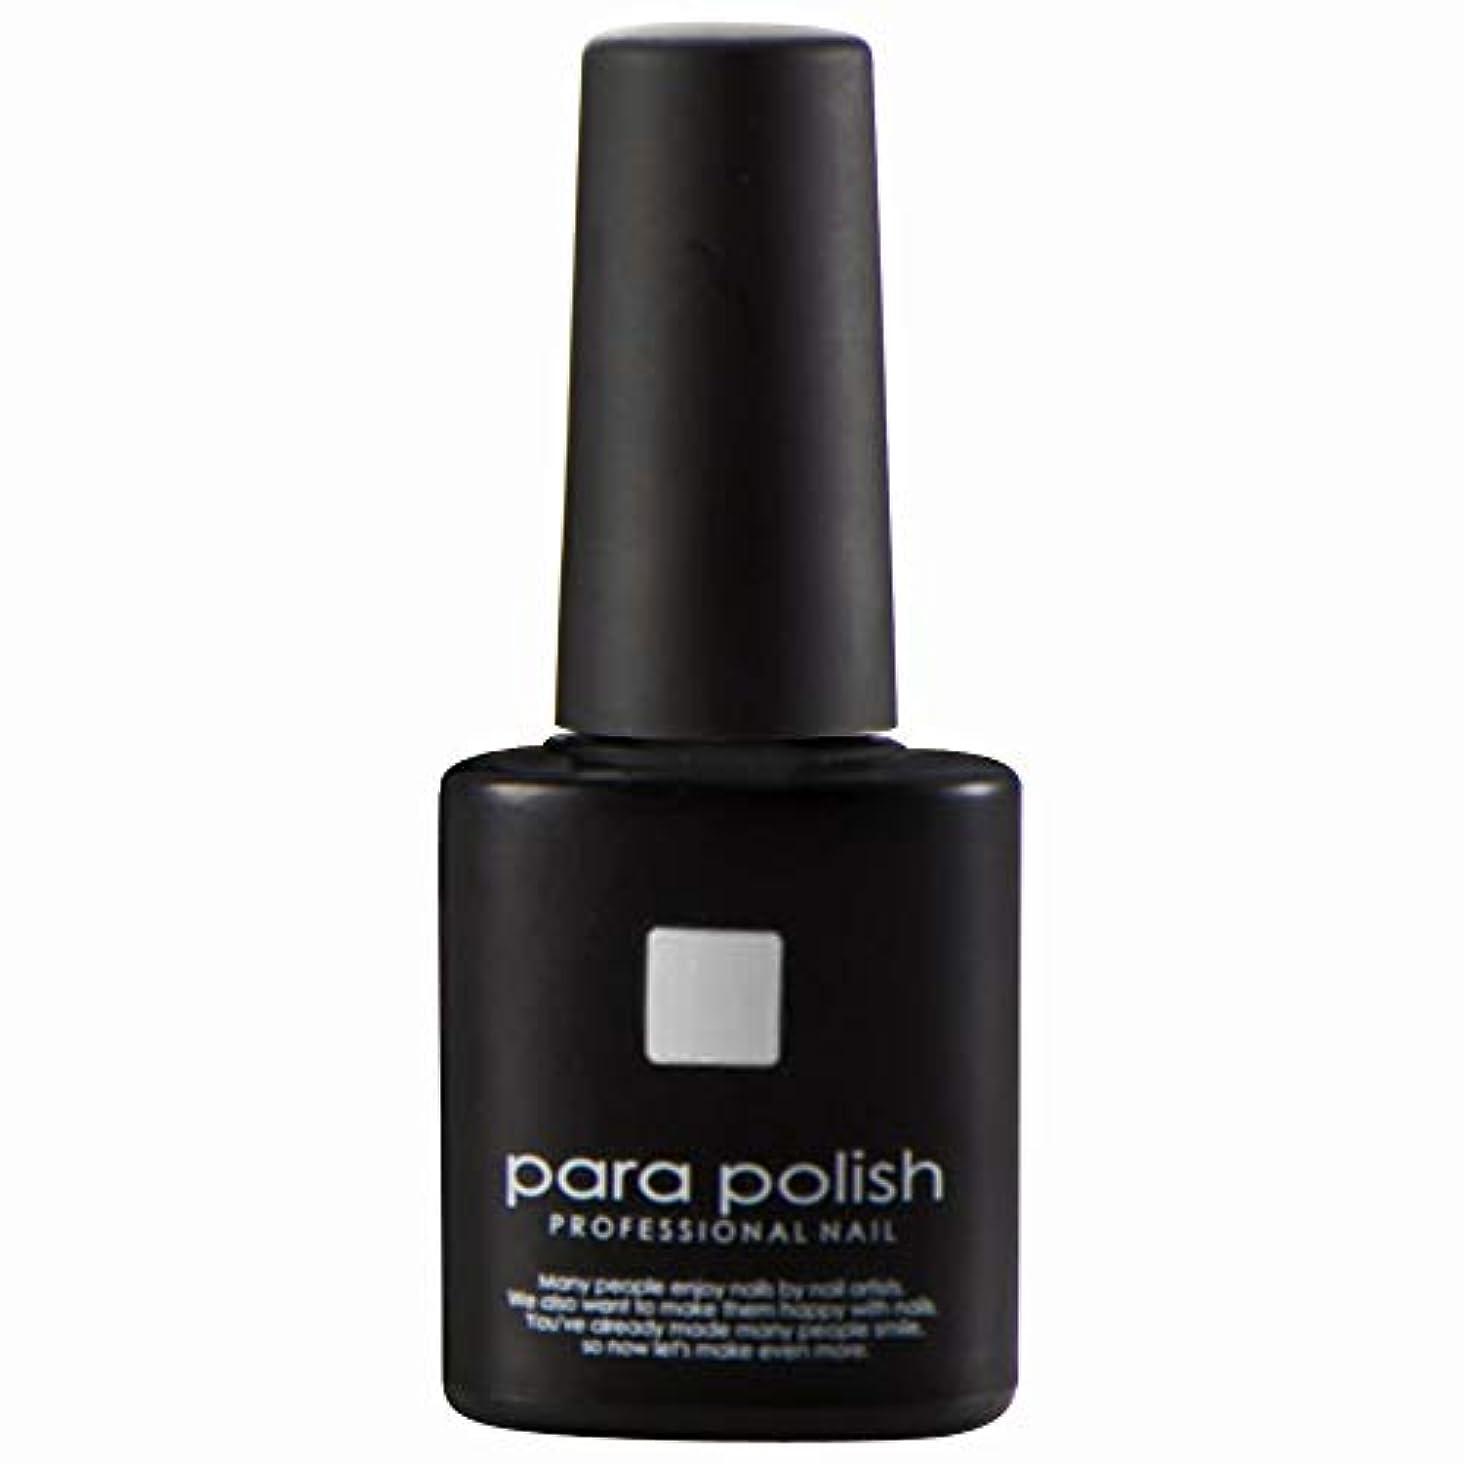 降臨ラブ舗装するパラジェル para polish(パラポリッシュ) カラージェル MD6 ライトグレー 7g